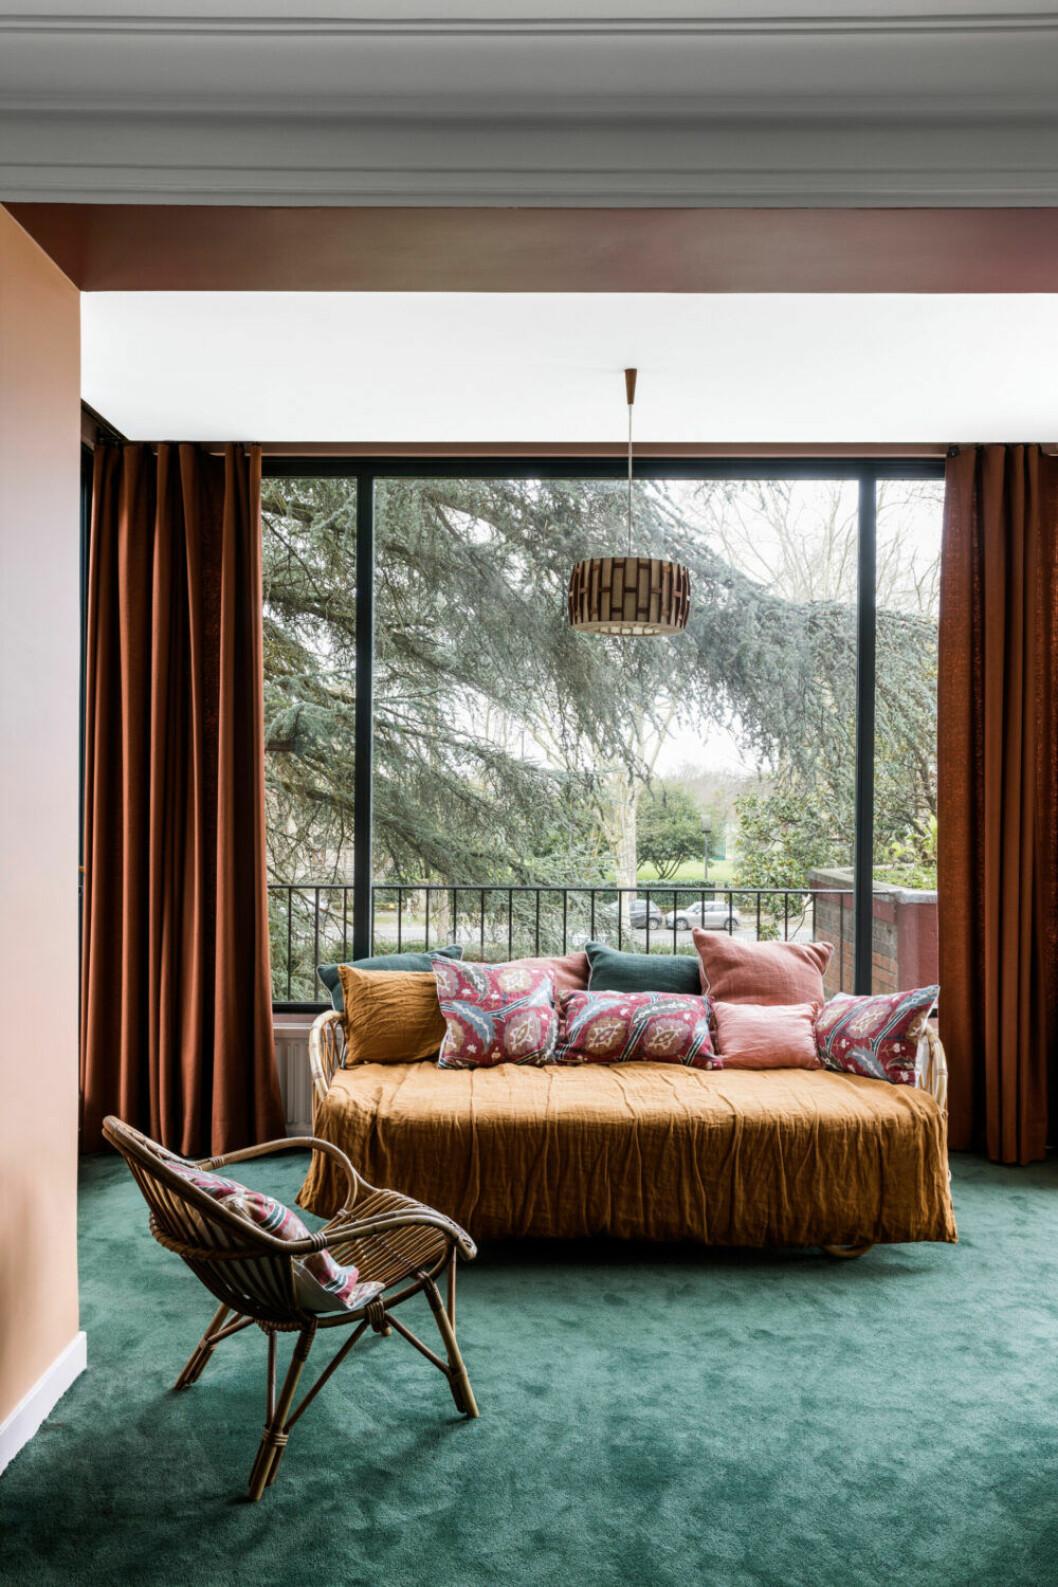 Mörkgrön heltäckningsmatta inramar ett ombonat rum med en stilfull dagbädd i rotting